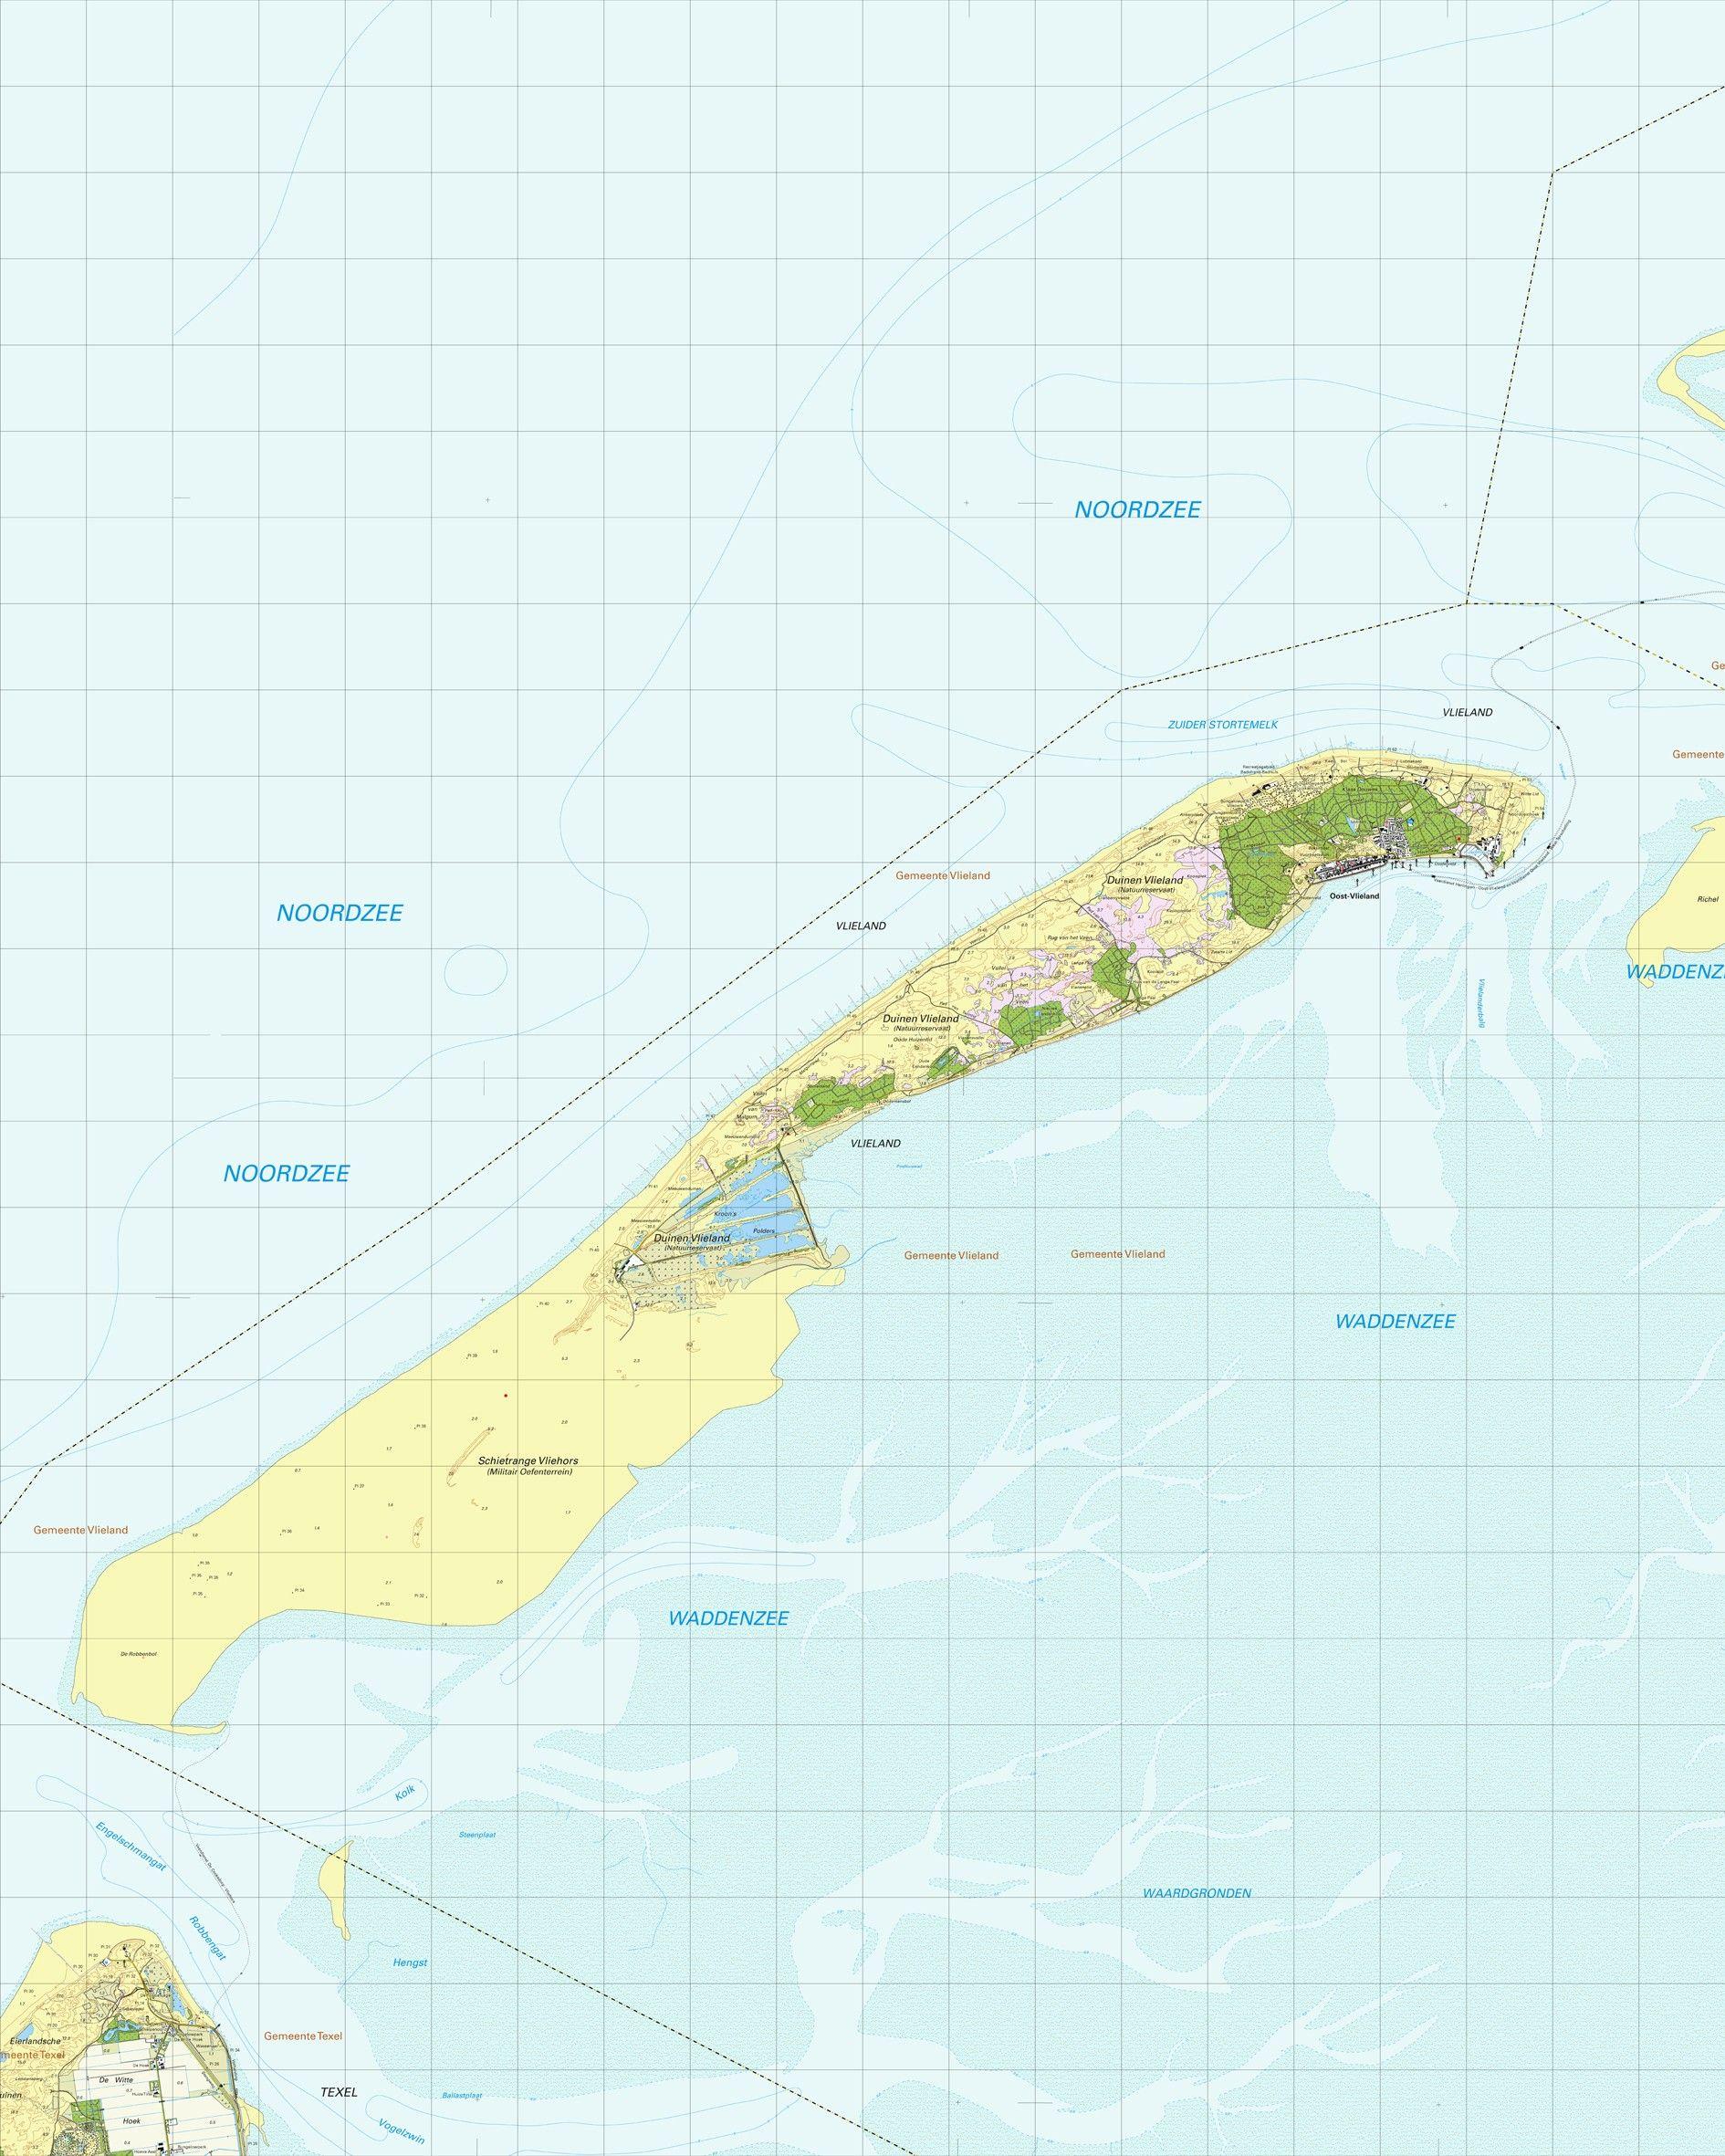 Topografische kaart schaal 1:25.000 (Vlieland)